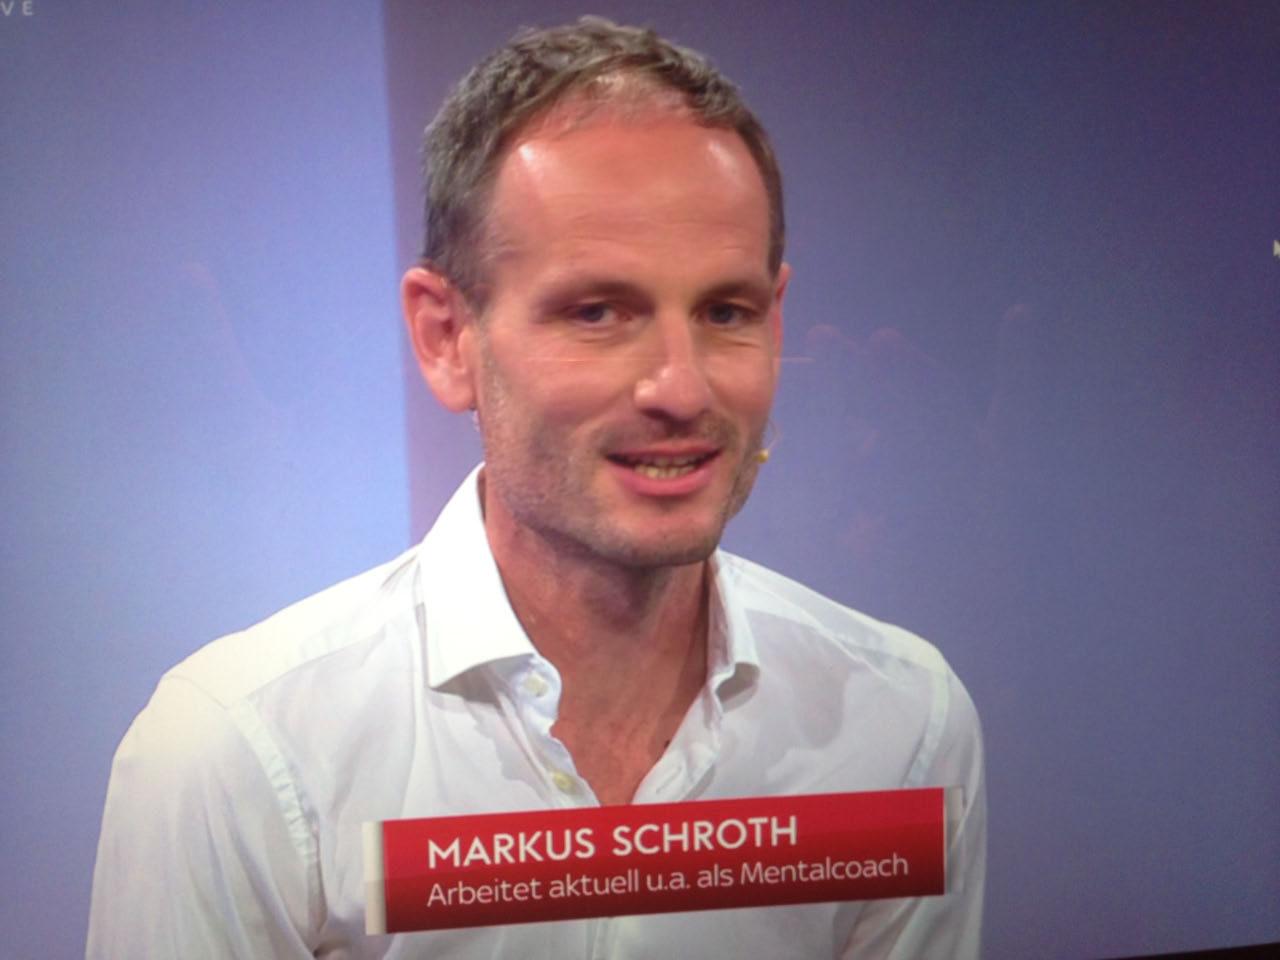 Markus-Schroth-20